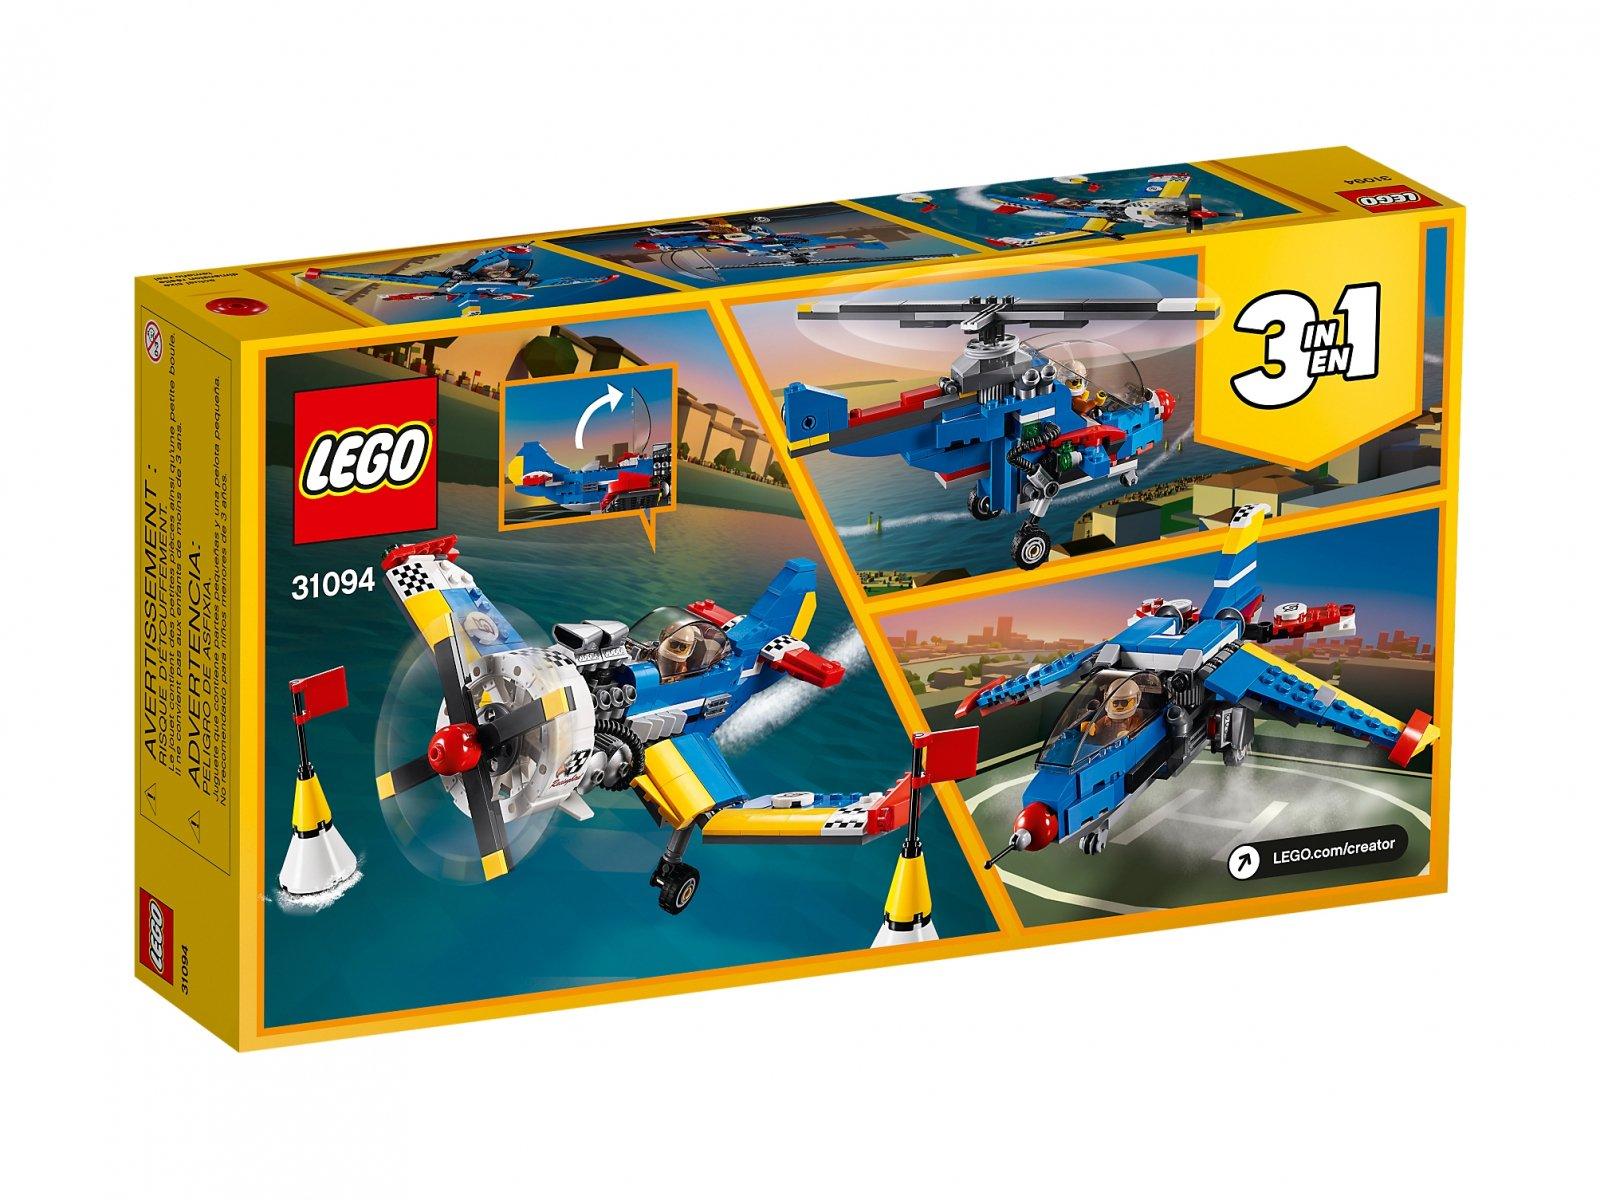 LEGO 31094 Samolot wyścigowy